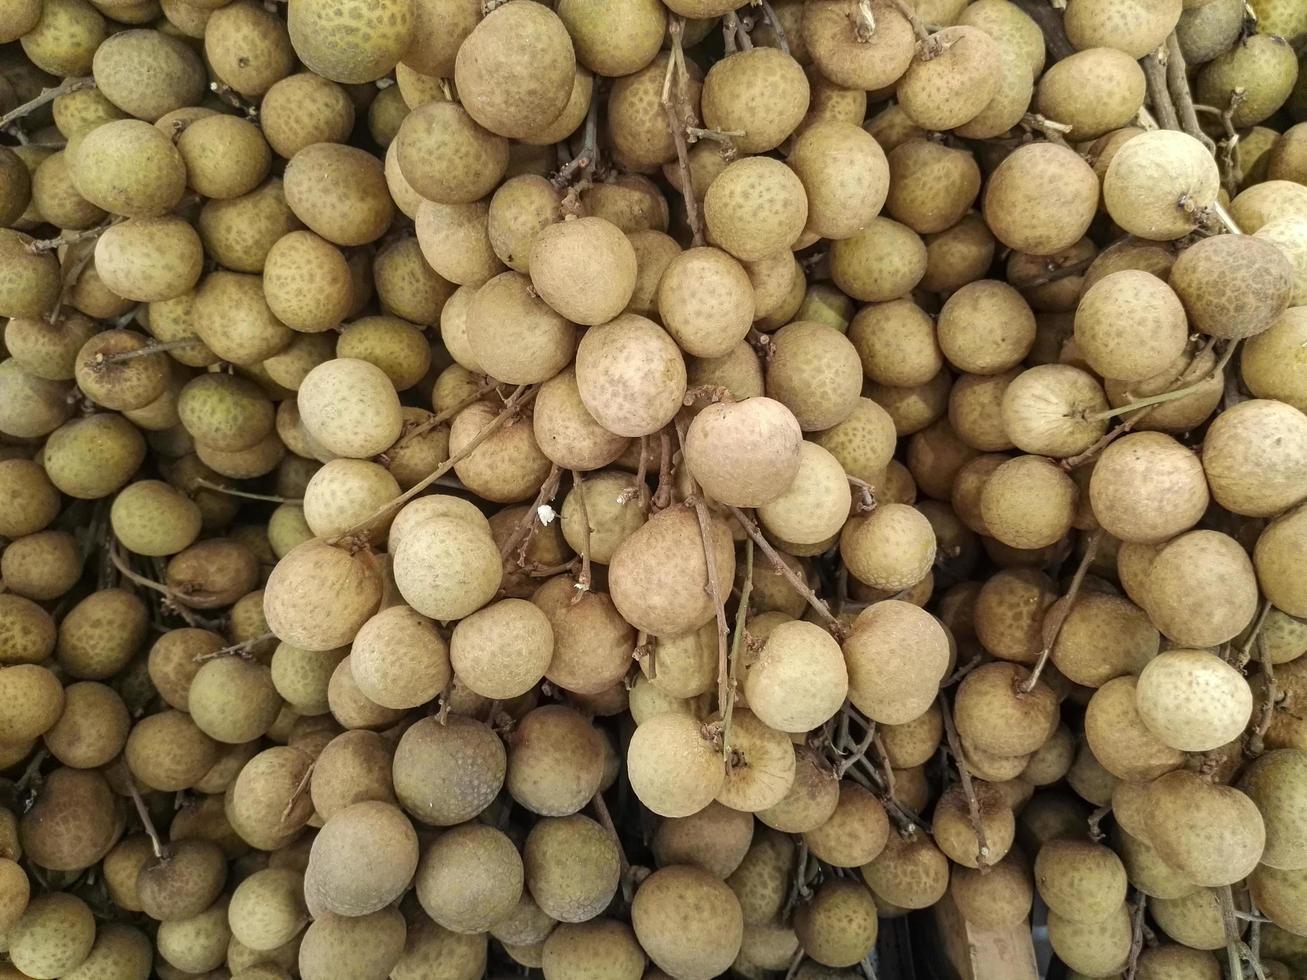 groupe de fruits tropicaux longane photo